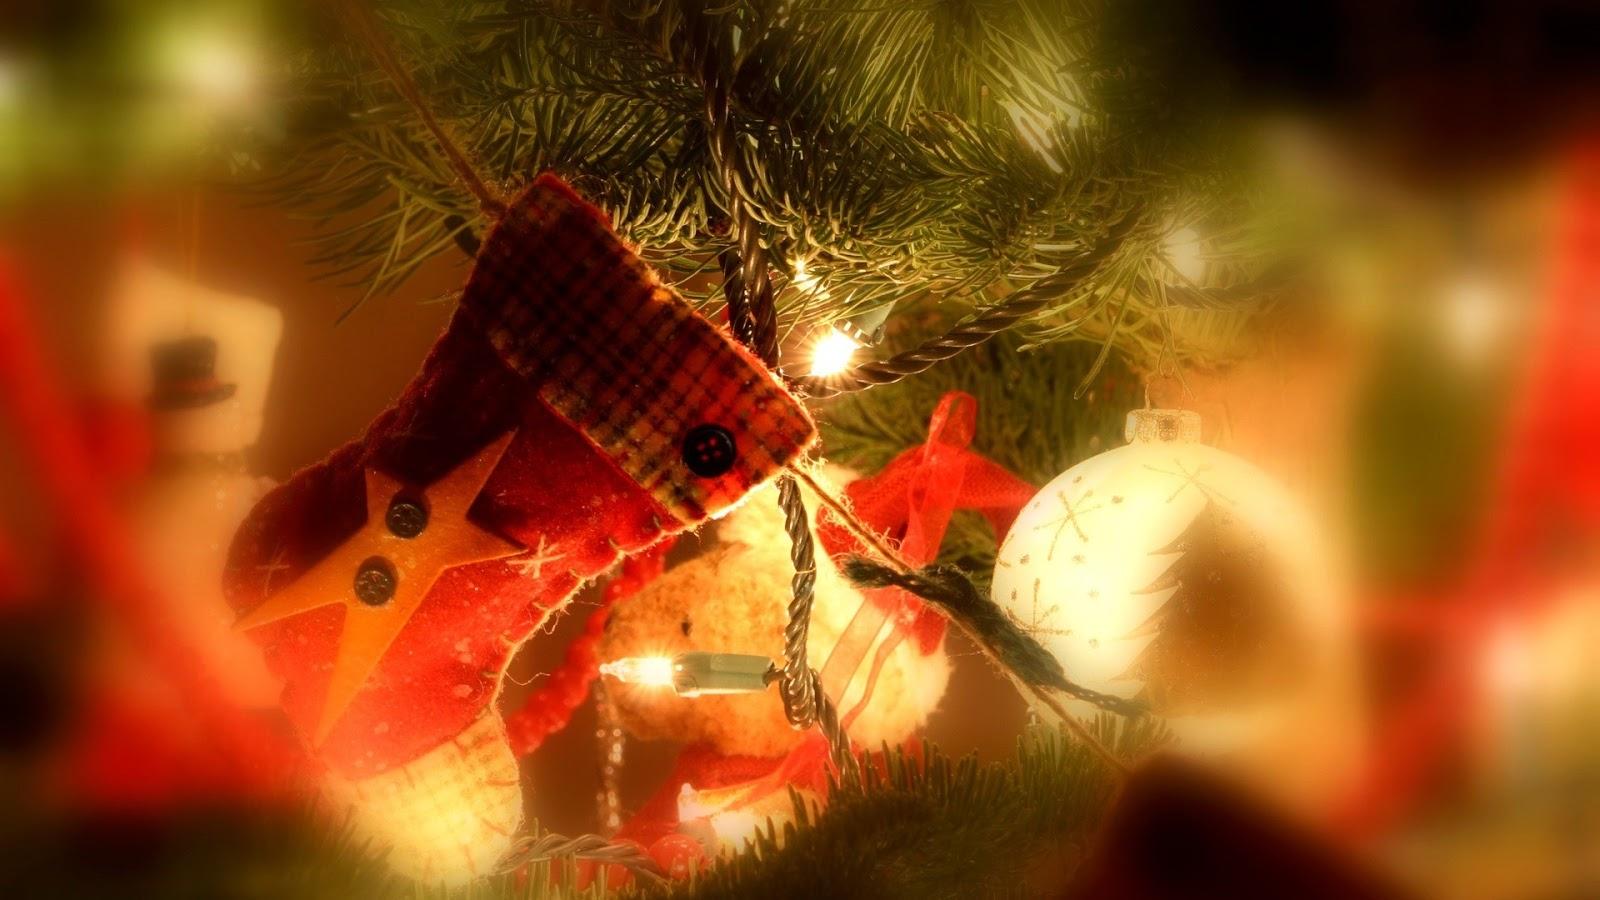 http://3.bp.blogspot.com/-ECEHaguHRpk/UNiIDo-SNOI/AAAAAAAAJVI/TSbtqv2dUzQ/s1600/Merry+Cristmas+greeting+(6).jpg